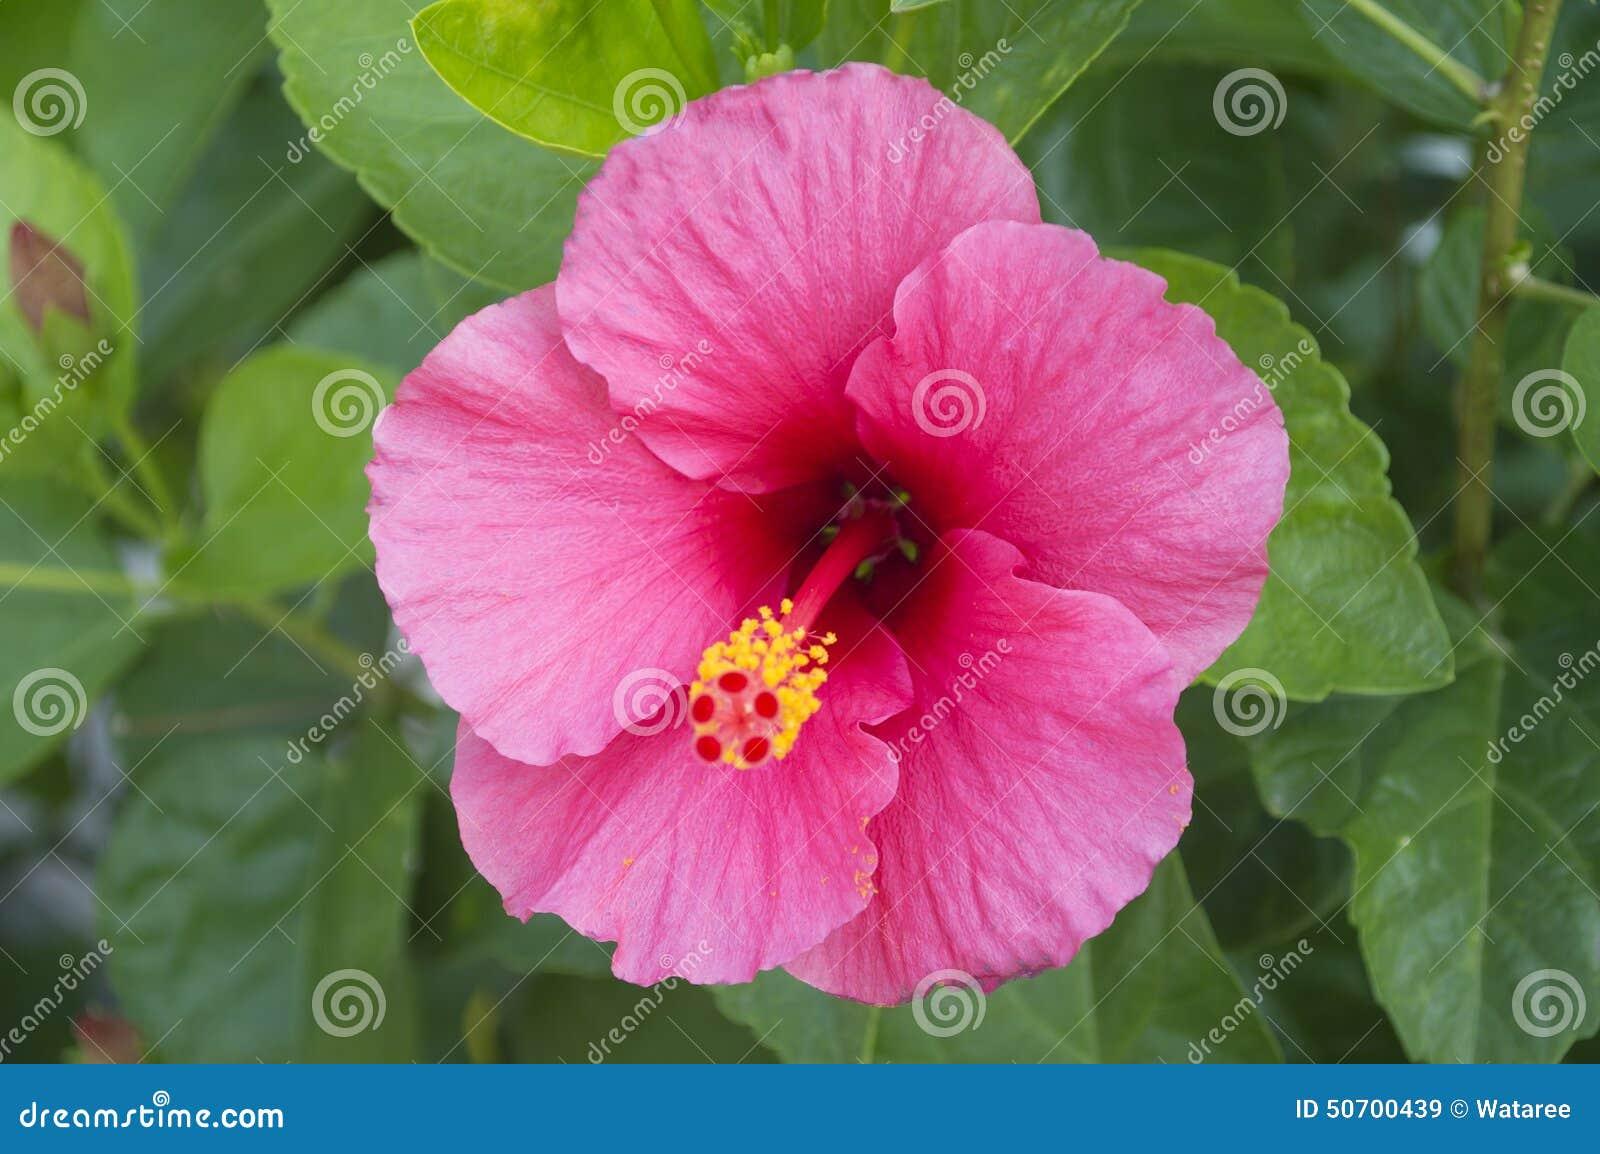 Pink Hibiscus Flower Stock Image Image Of Garden Hibiscus 50700439